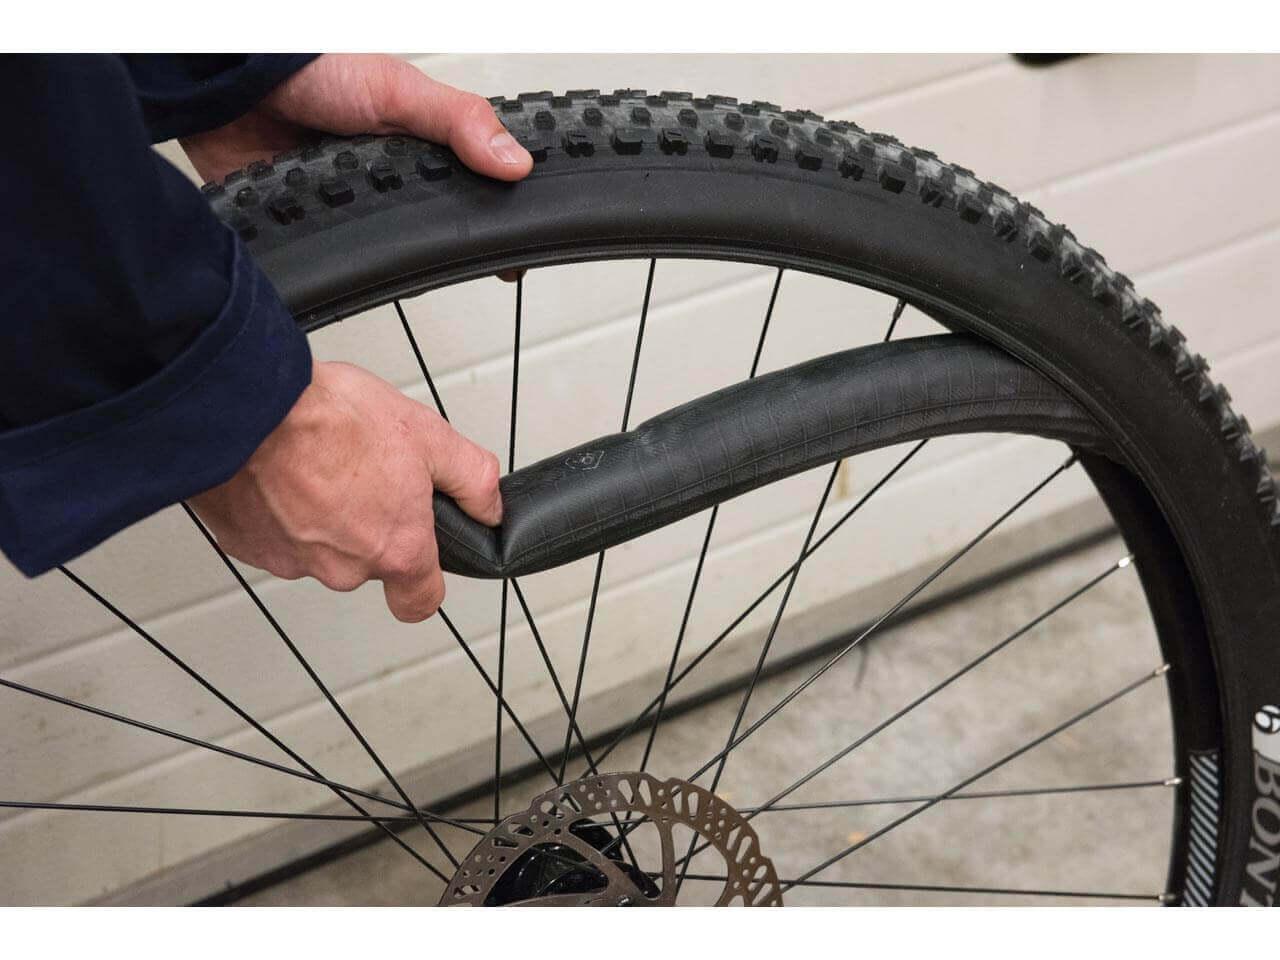 Laos Menşeli Bisiklet Lastikleri Soruşturması